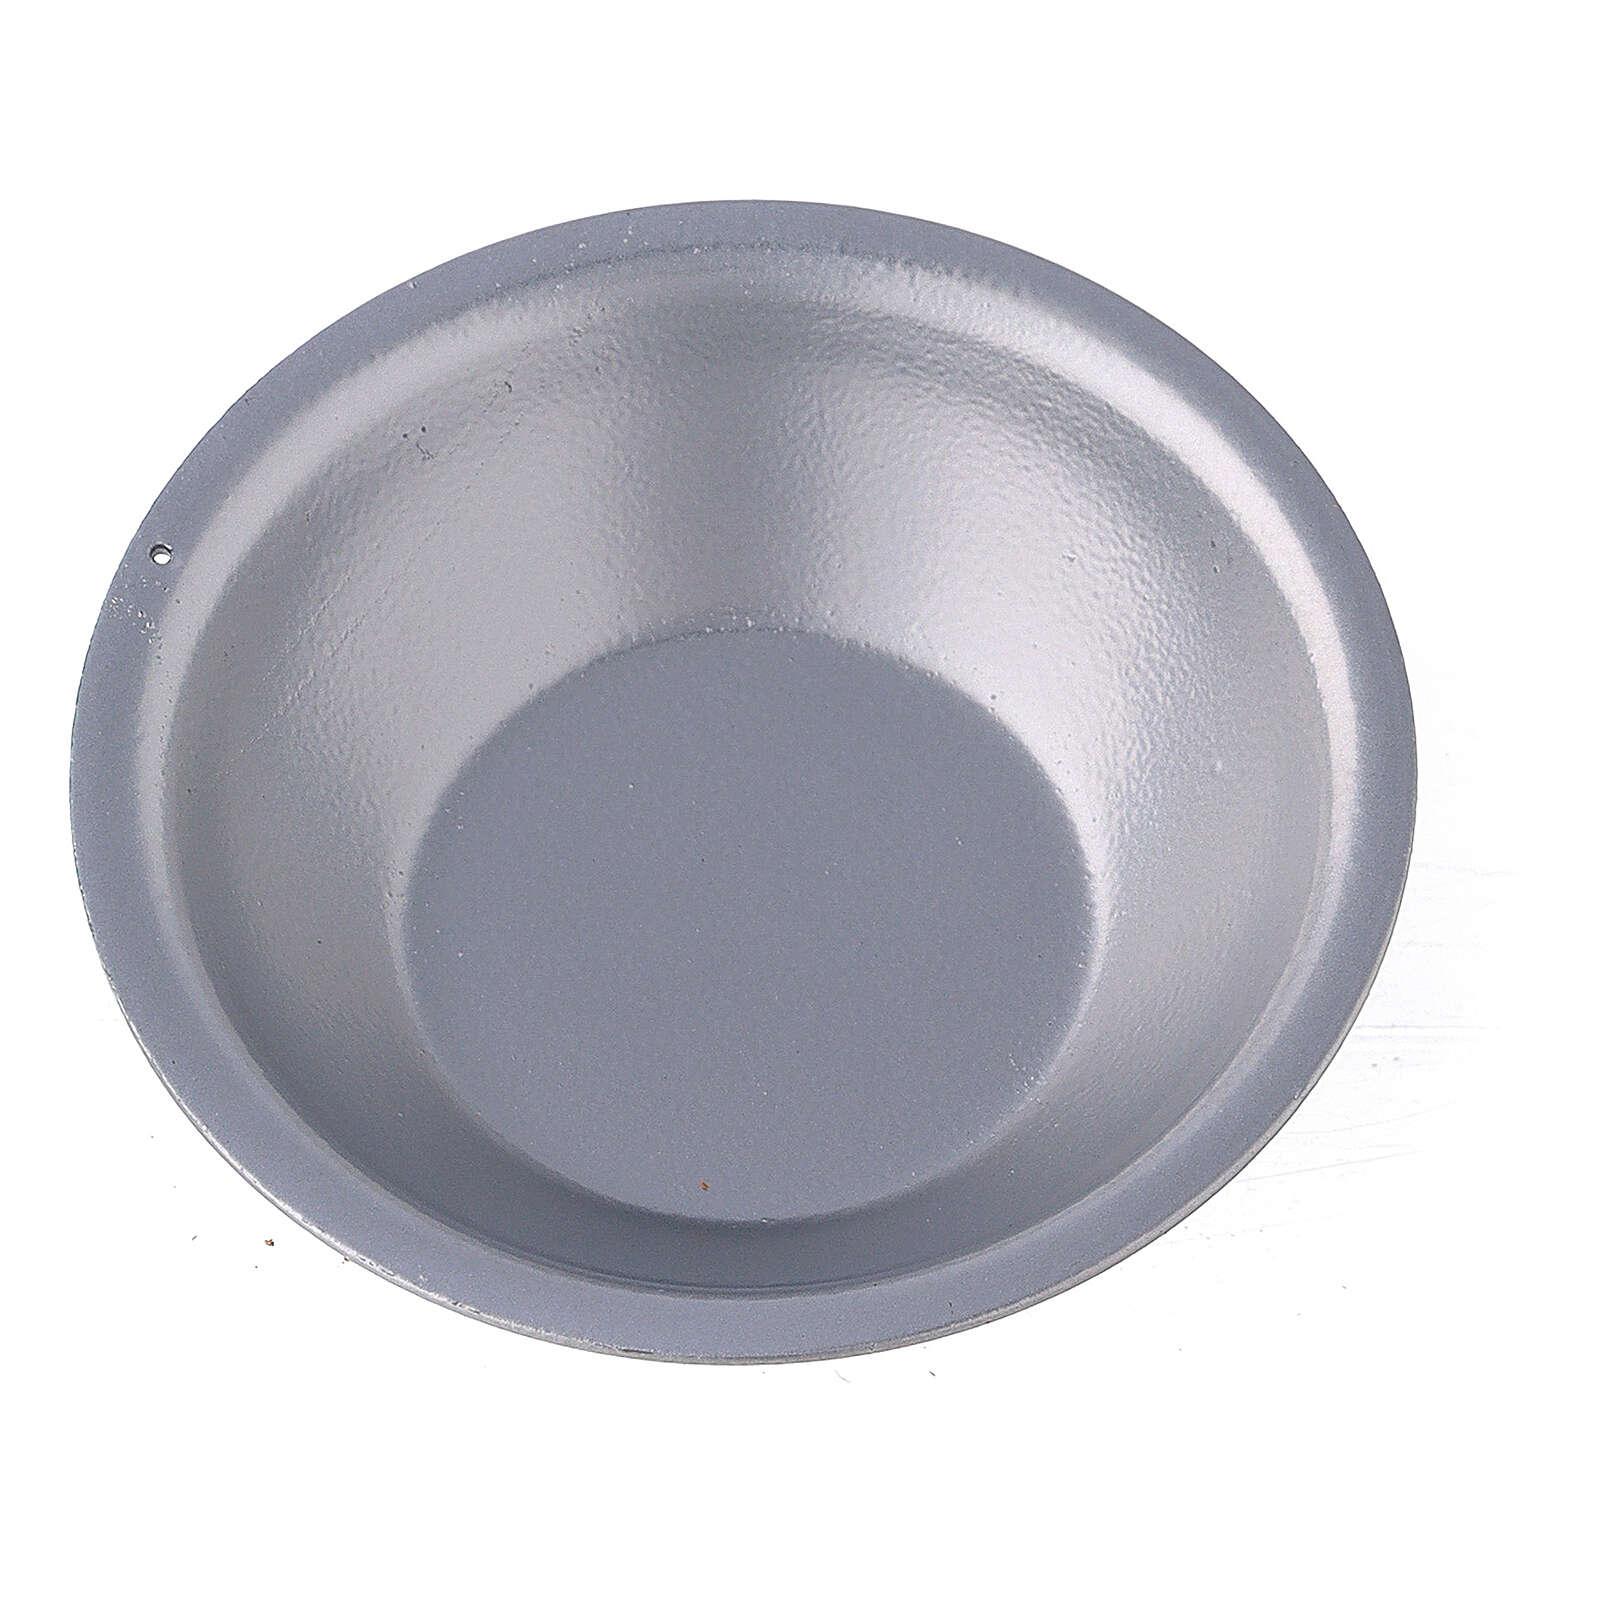 Bowl of essential oils for silver incense burner 3